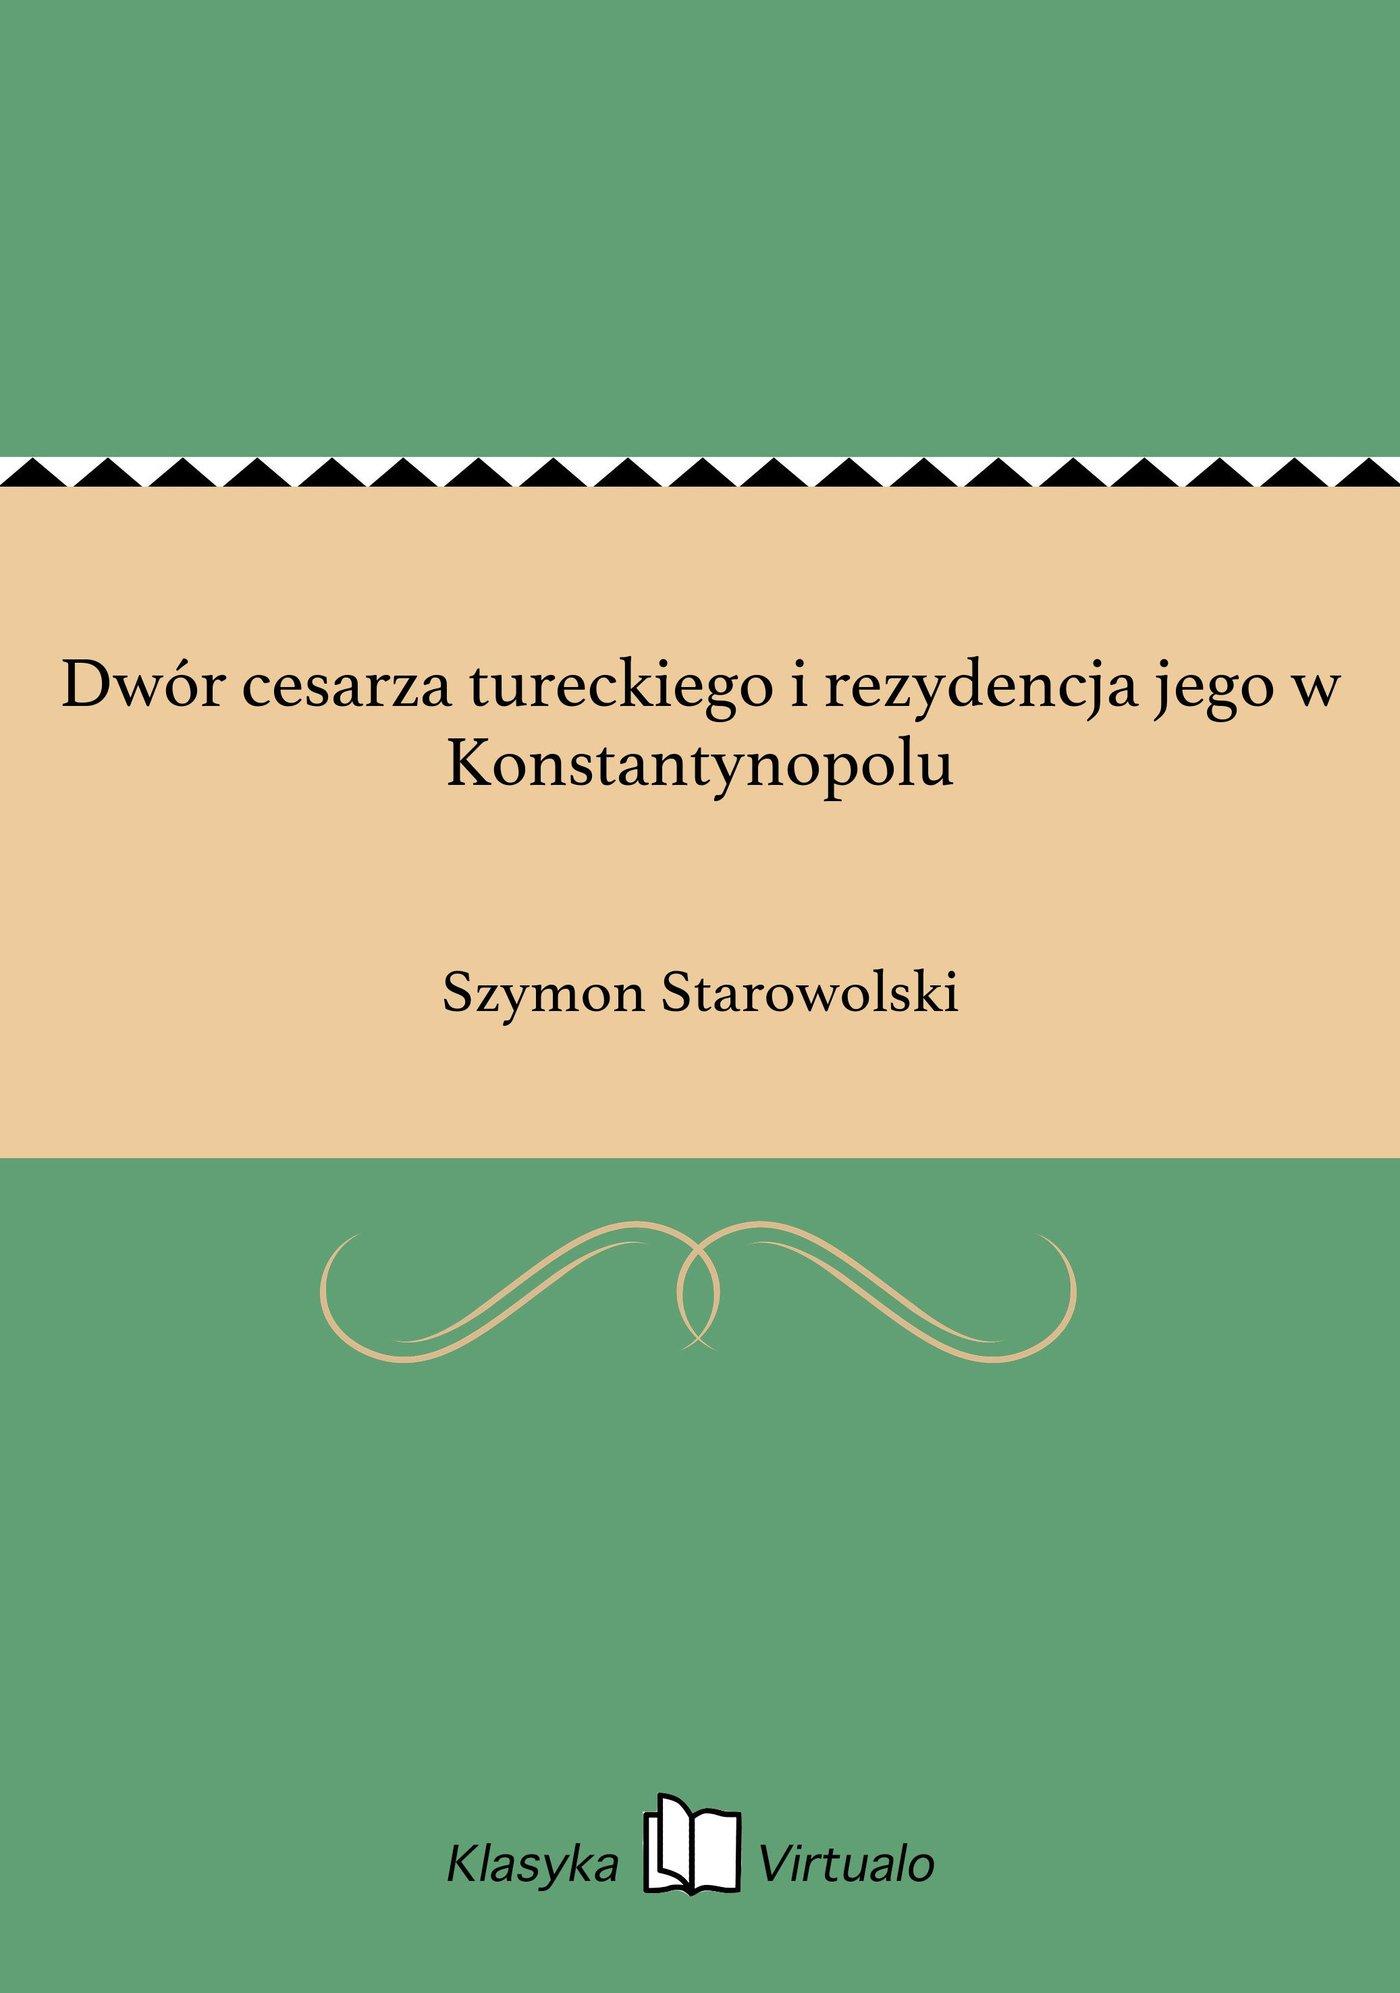 Dwór cesarza tureckiego i rezydencja jego w Konstantynopolu - Ebook (Książka EPUB) do pobrania w formacie EPUB